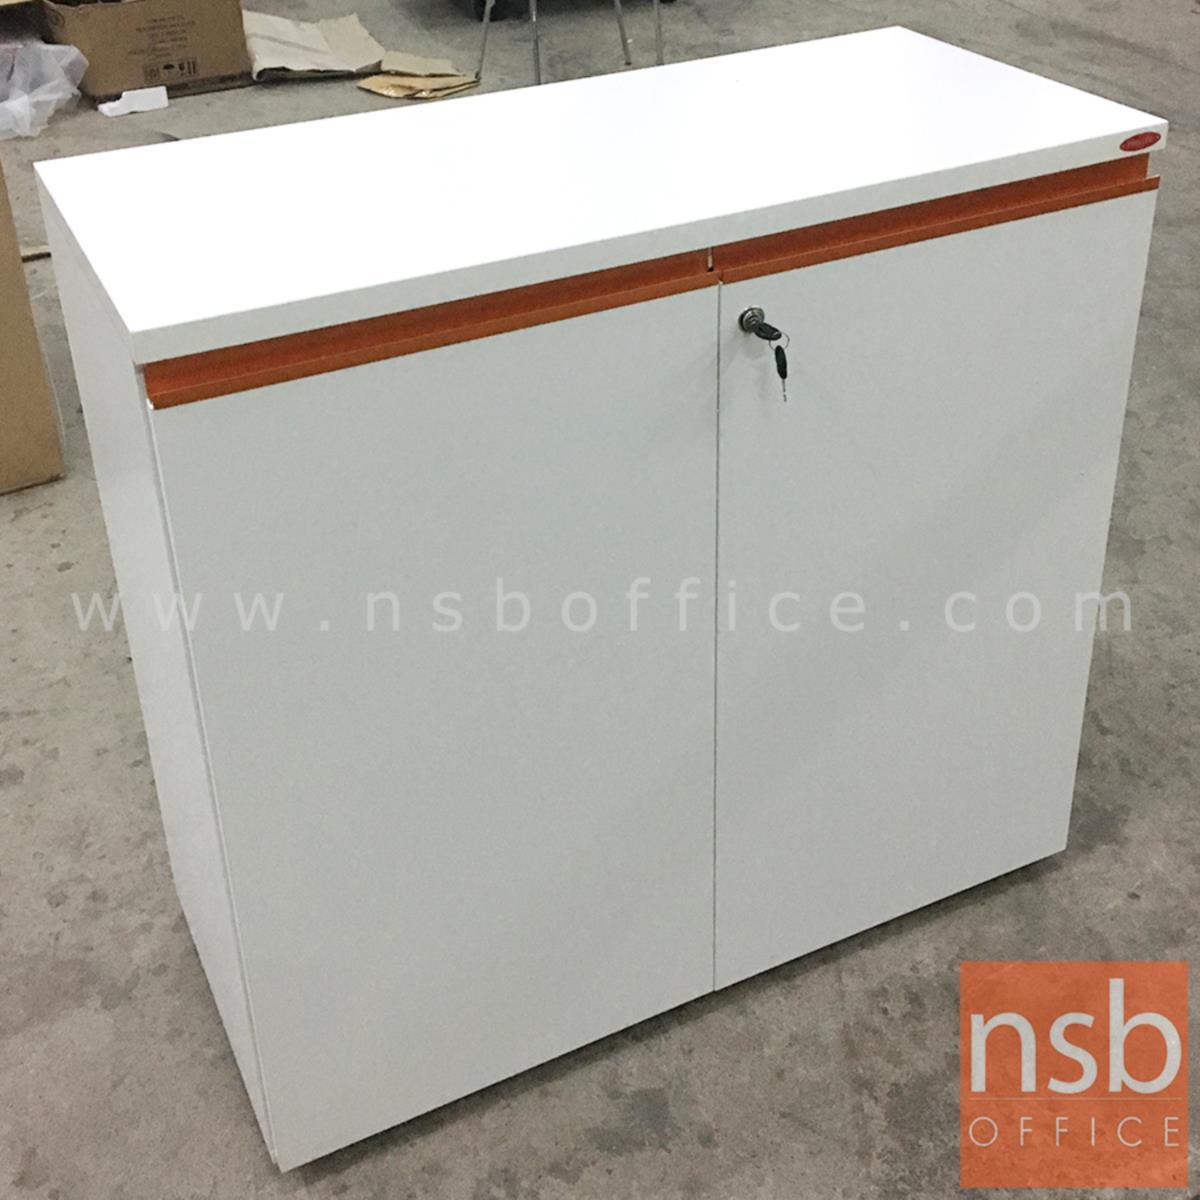 ตู้เอกสารสีสัน สูง 85.5H cm. 2 บานเปิด รุ่น Nightwords (ไนต์เวิร์ด)  ขาตู้ปรับระดับได้